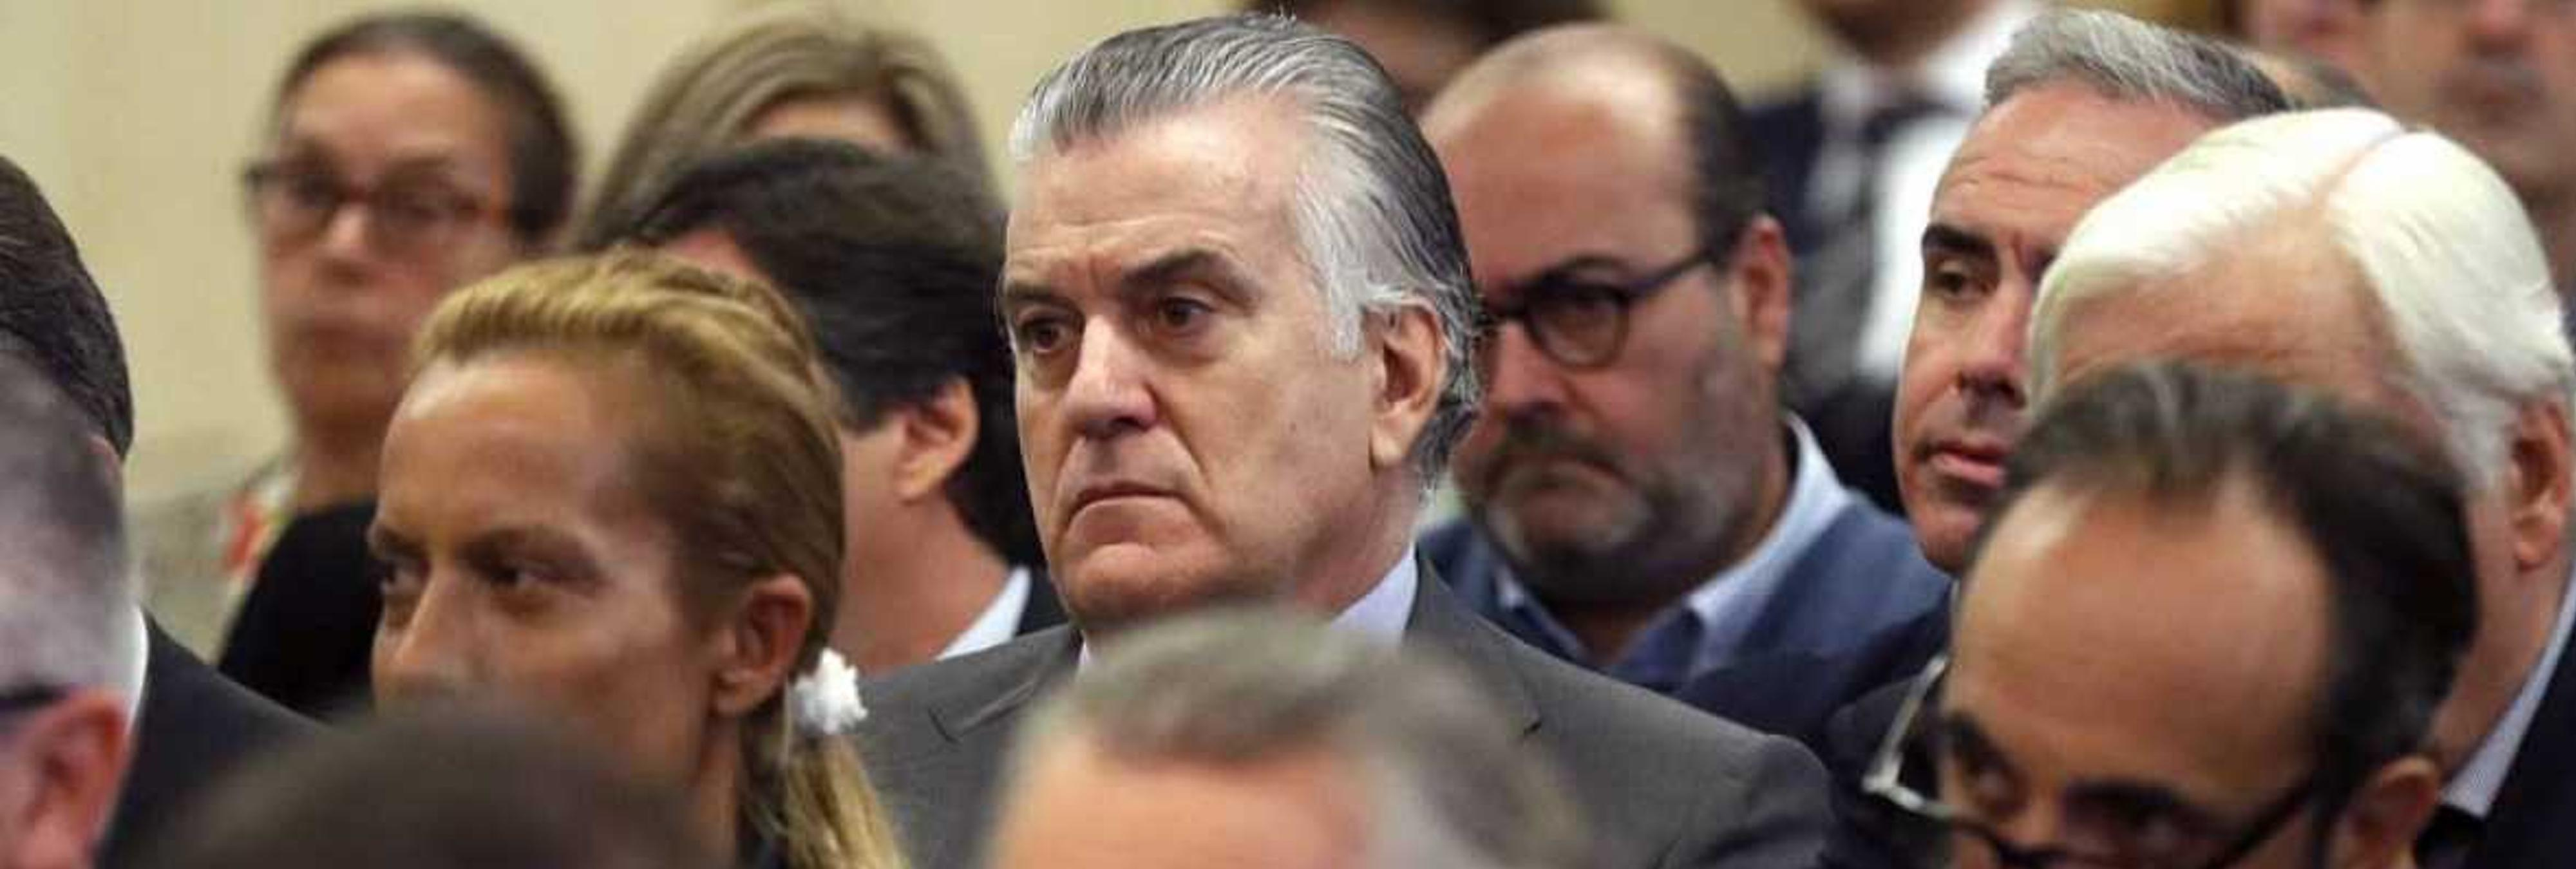 Bárcenas, Mato y el PP solicitan ser declarados inocentes en el caso Gürtel